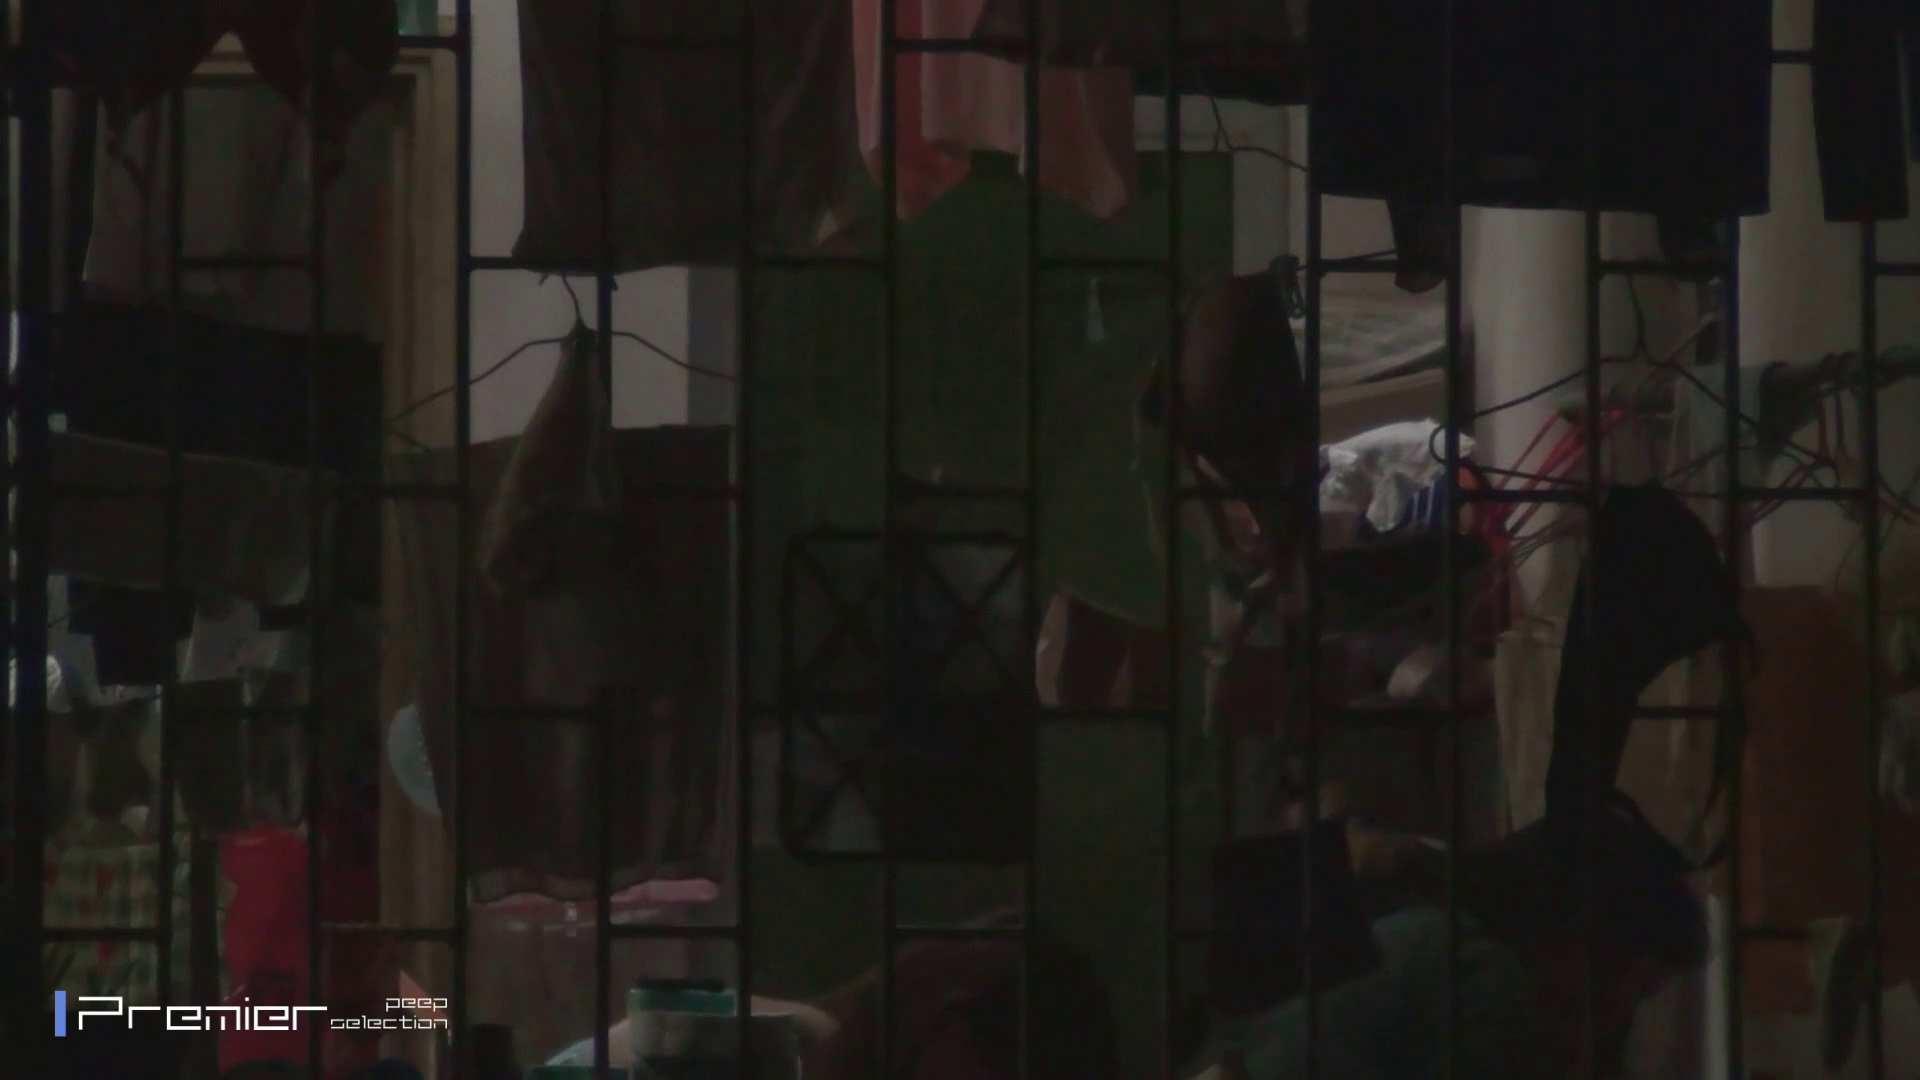 美女の痴態に密着!洗濯物を干す女 Vol.07 民家 すけべAV動画紹介 98画像 8